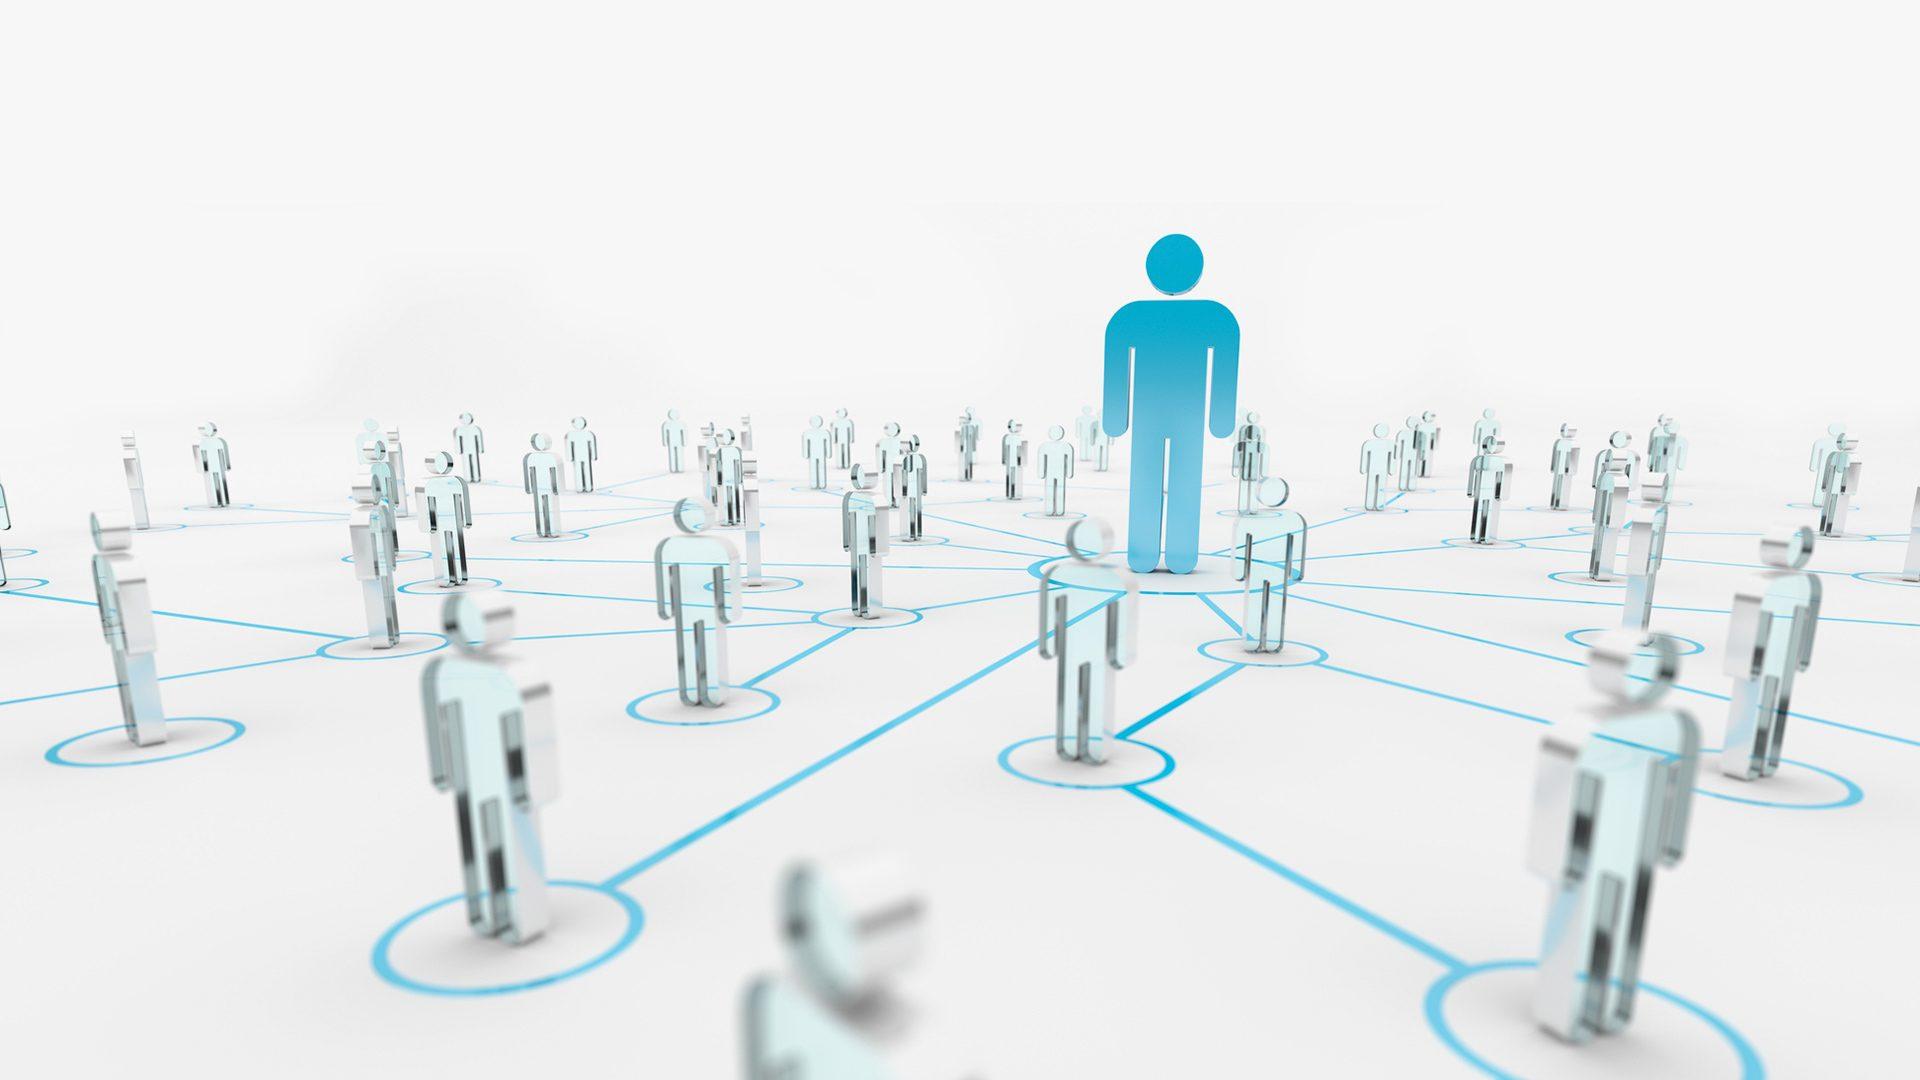 image brokers between groups